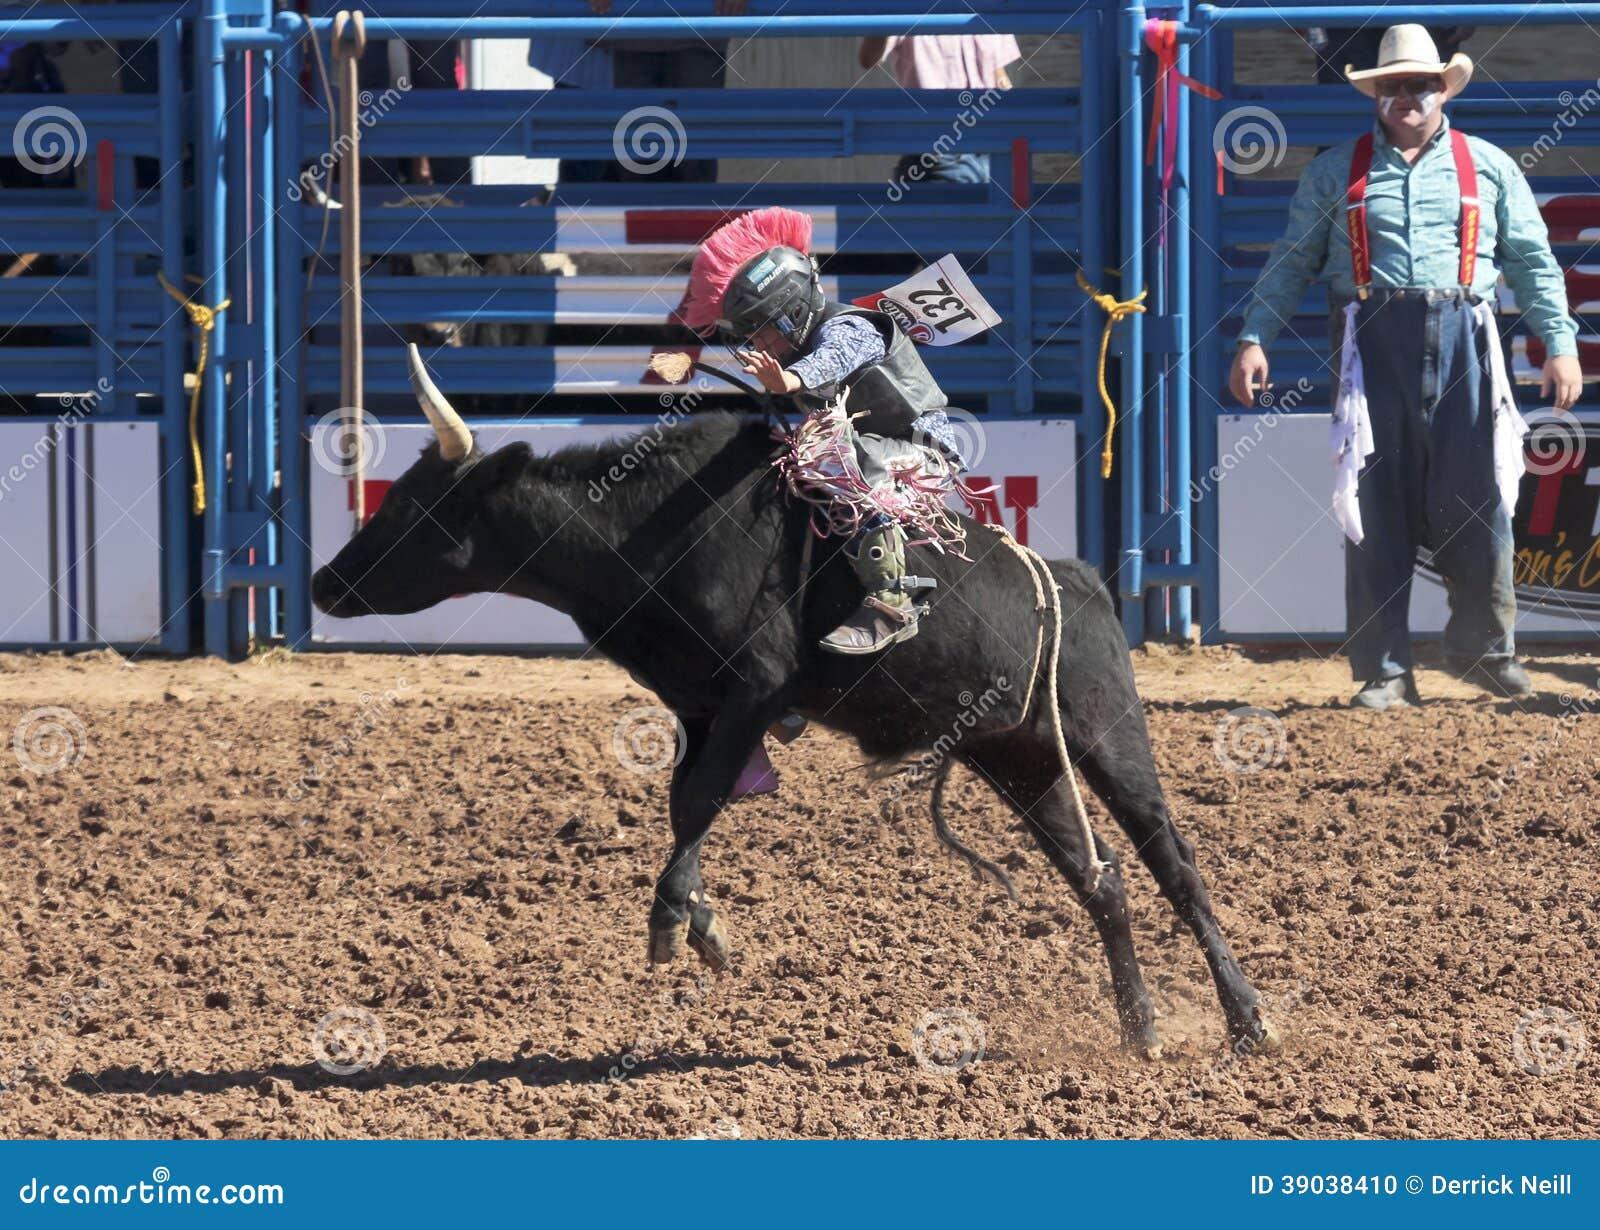 A La Fiesta De Los Vaqueros Junior Rodeo Editorial Image